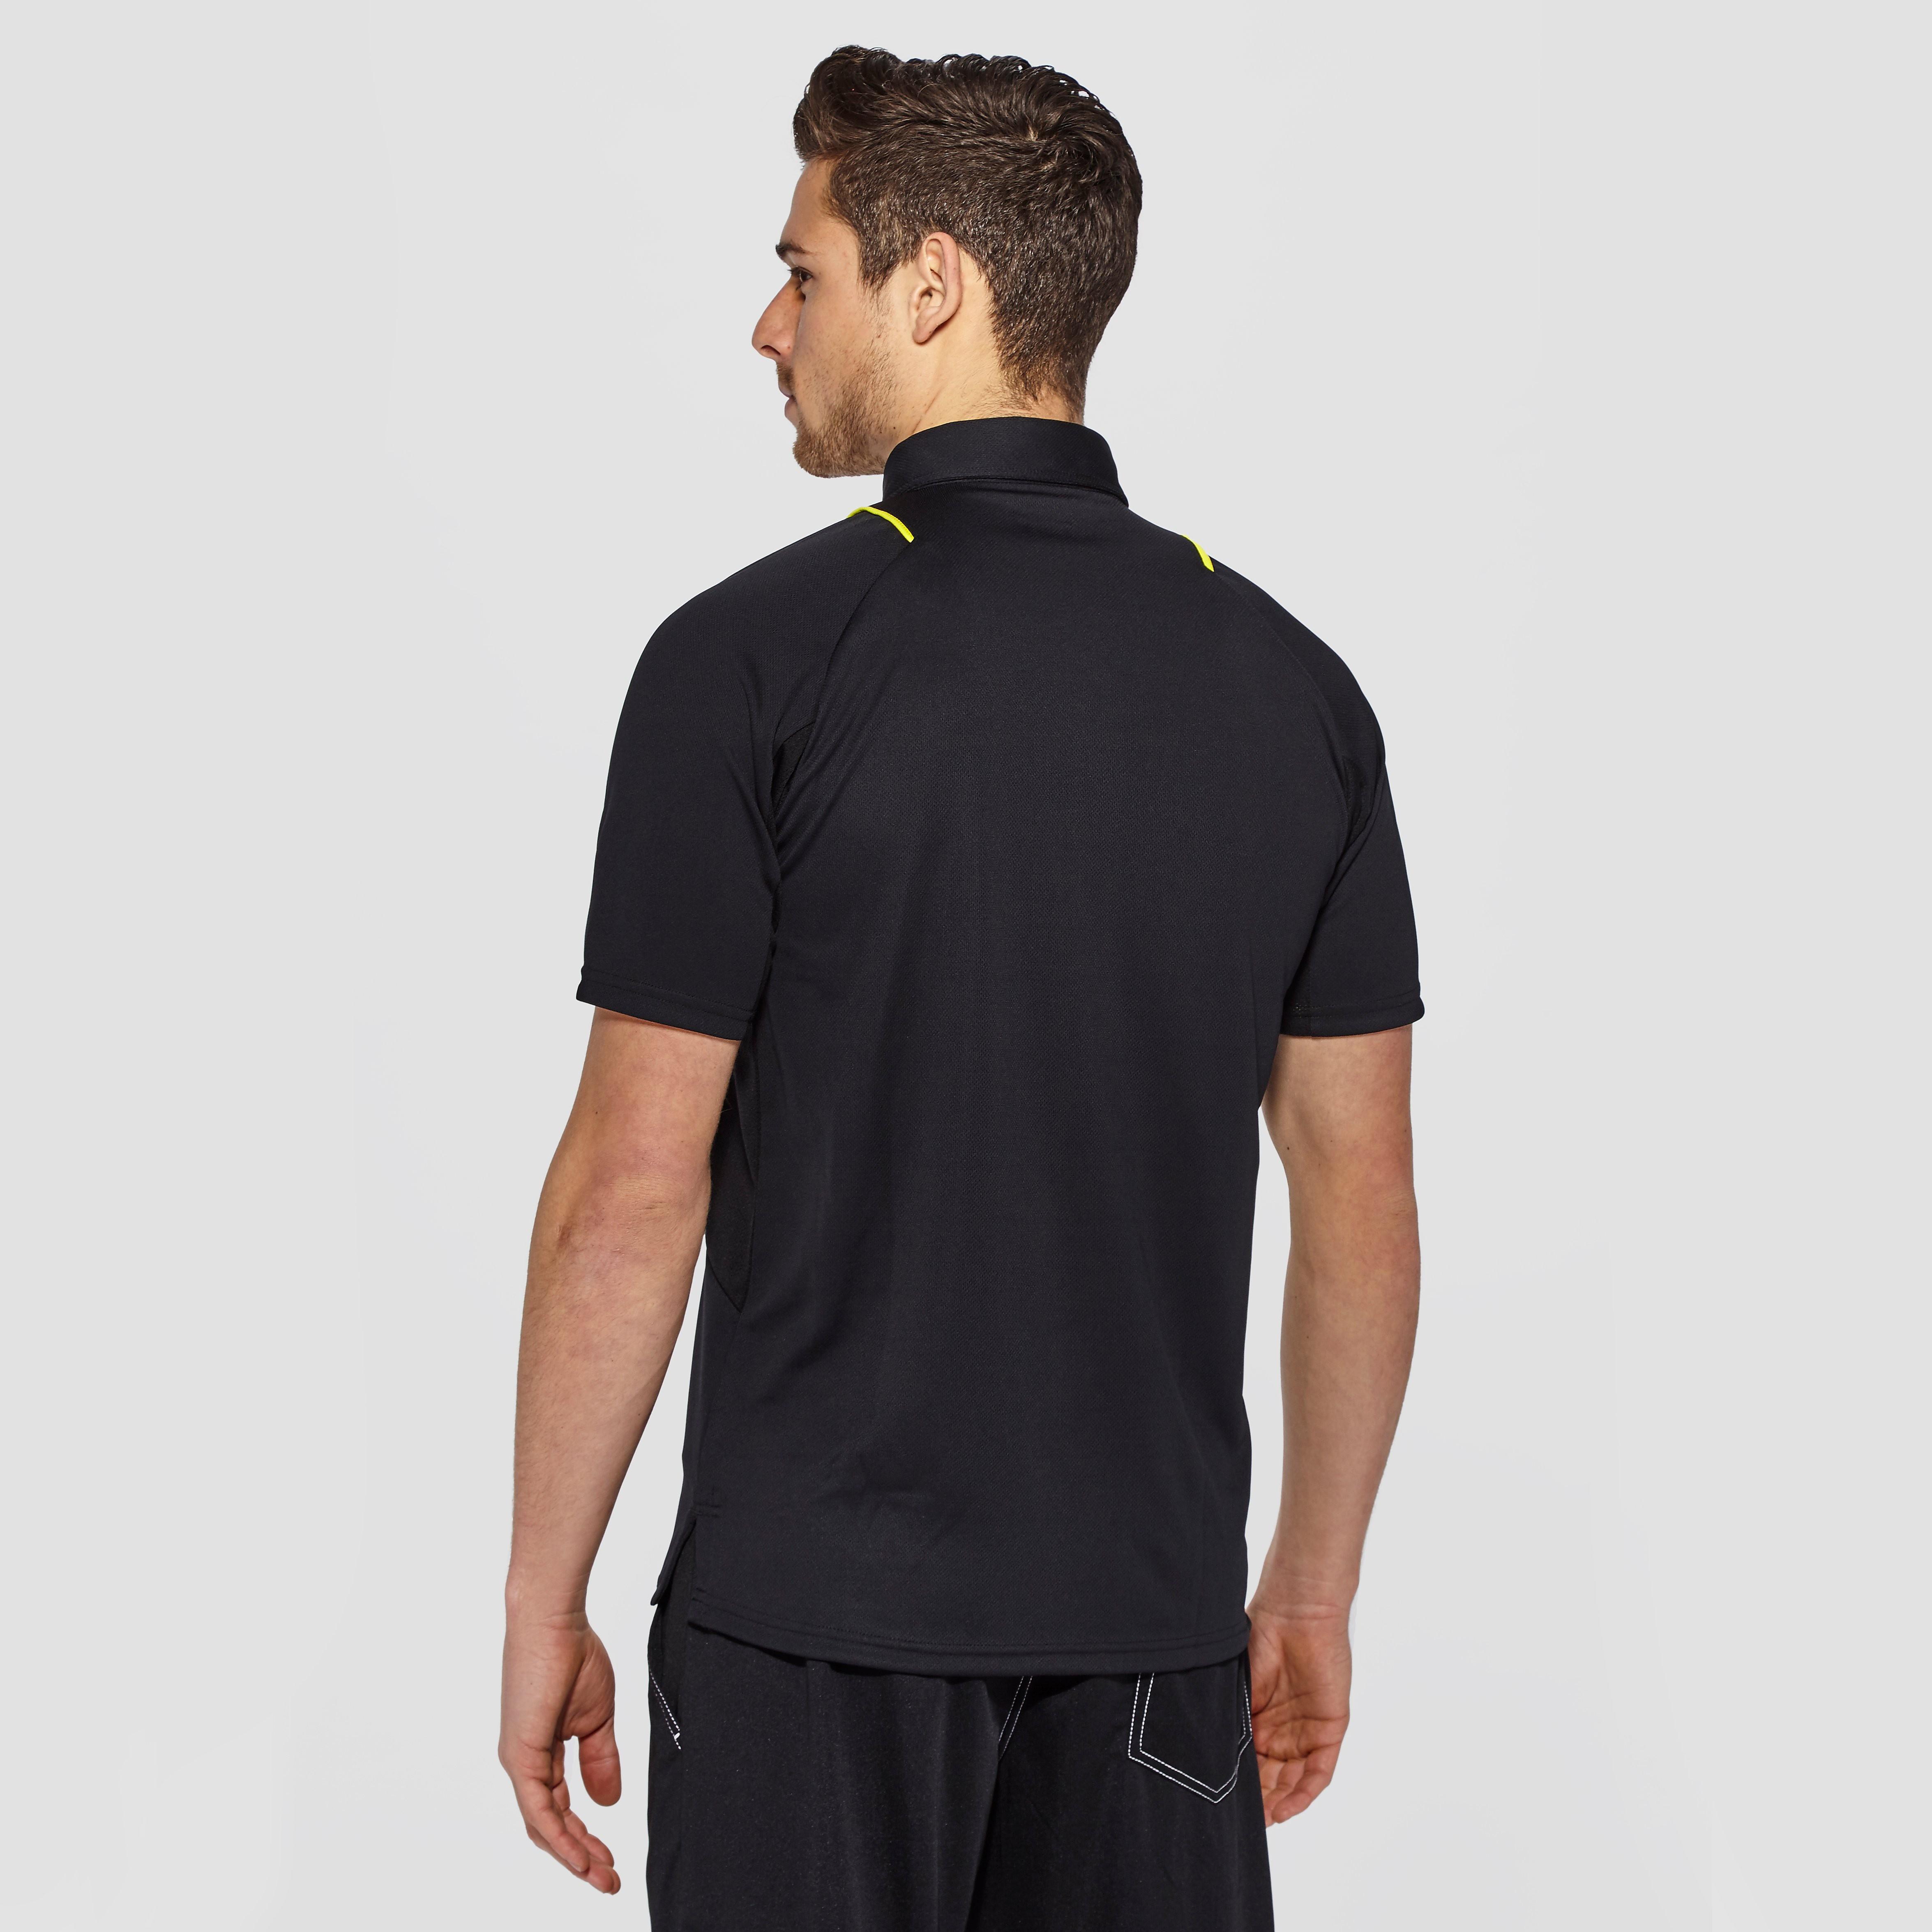 Yonex 12100EX Men's Badminton Polo Shirt